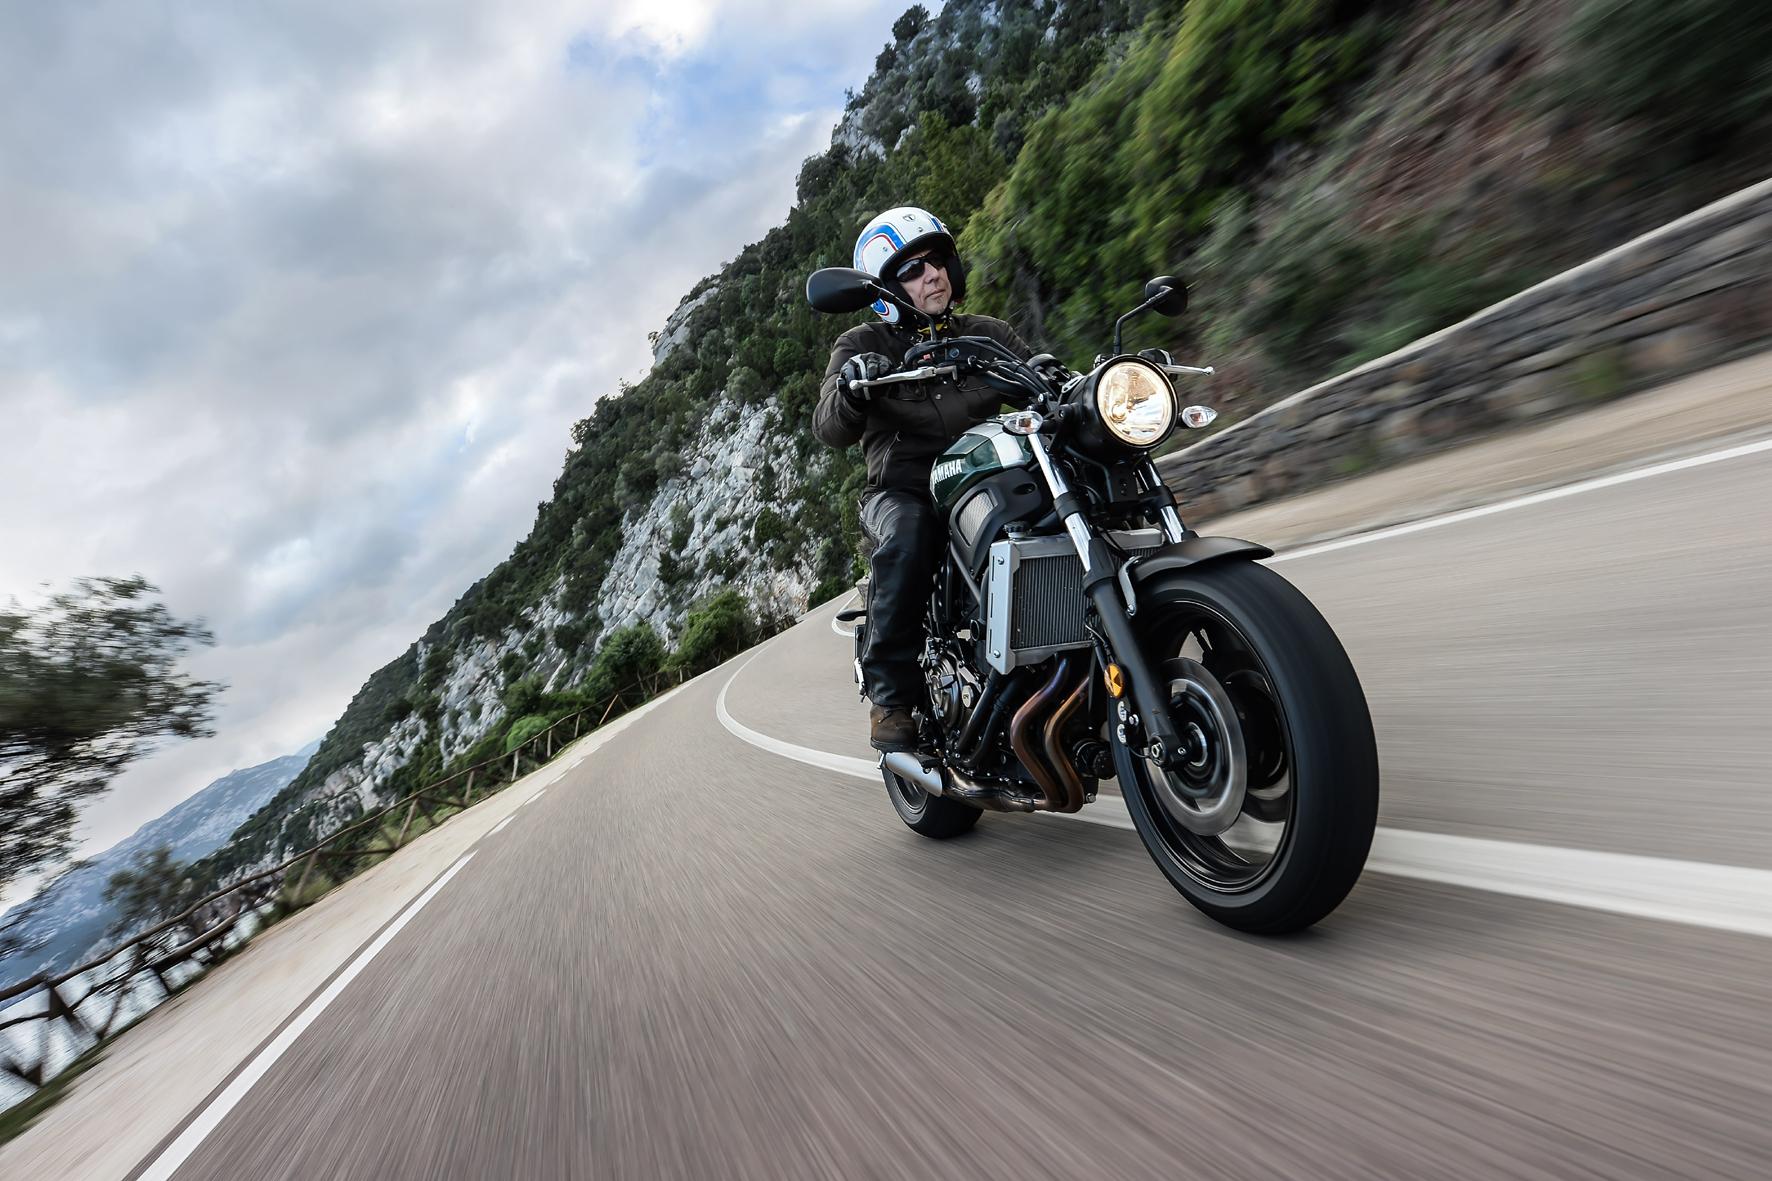 mid Sardinien - Die neue Yamaha XSR 750 verbindet Retro-Elemente und moderne Stilmittel.